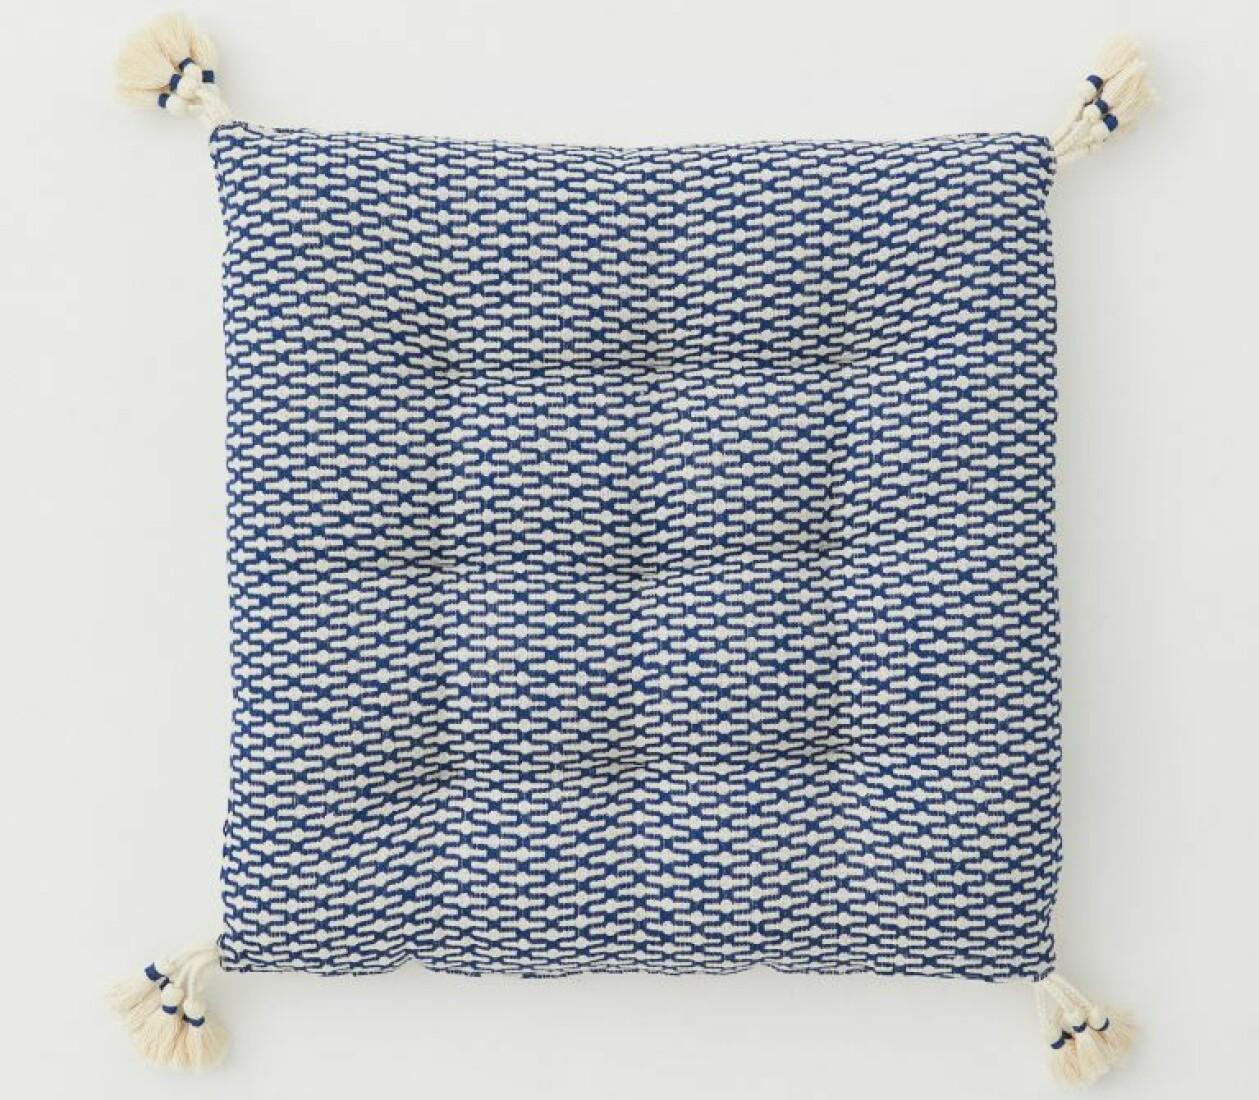 Sittdyna i blått och vitt med tofsar i hörnen, från H&M Home